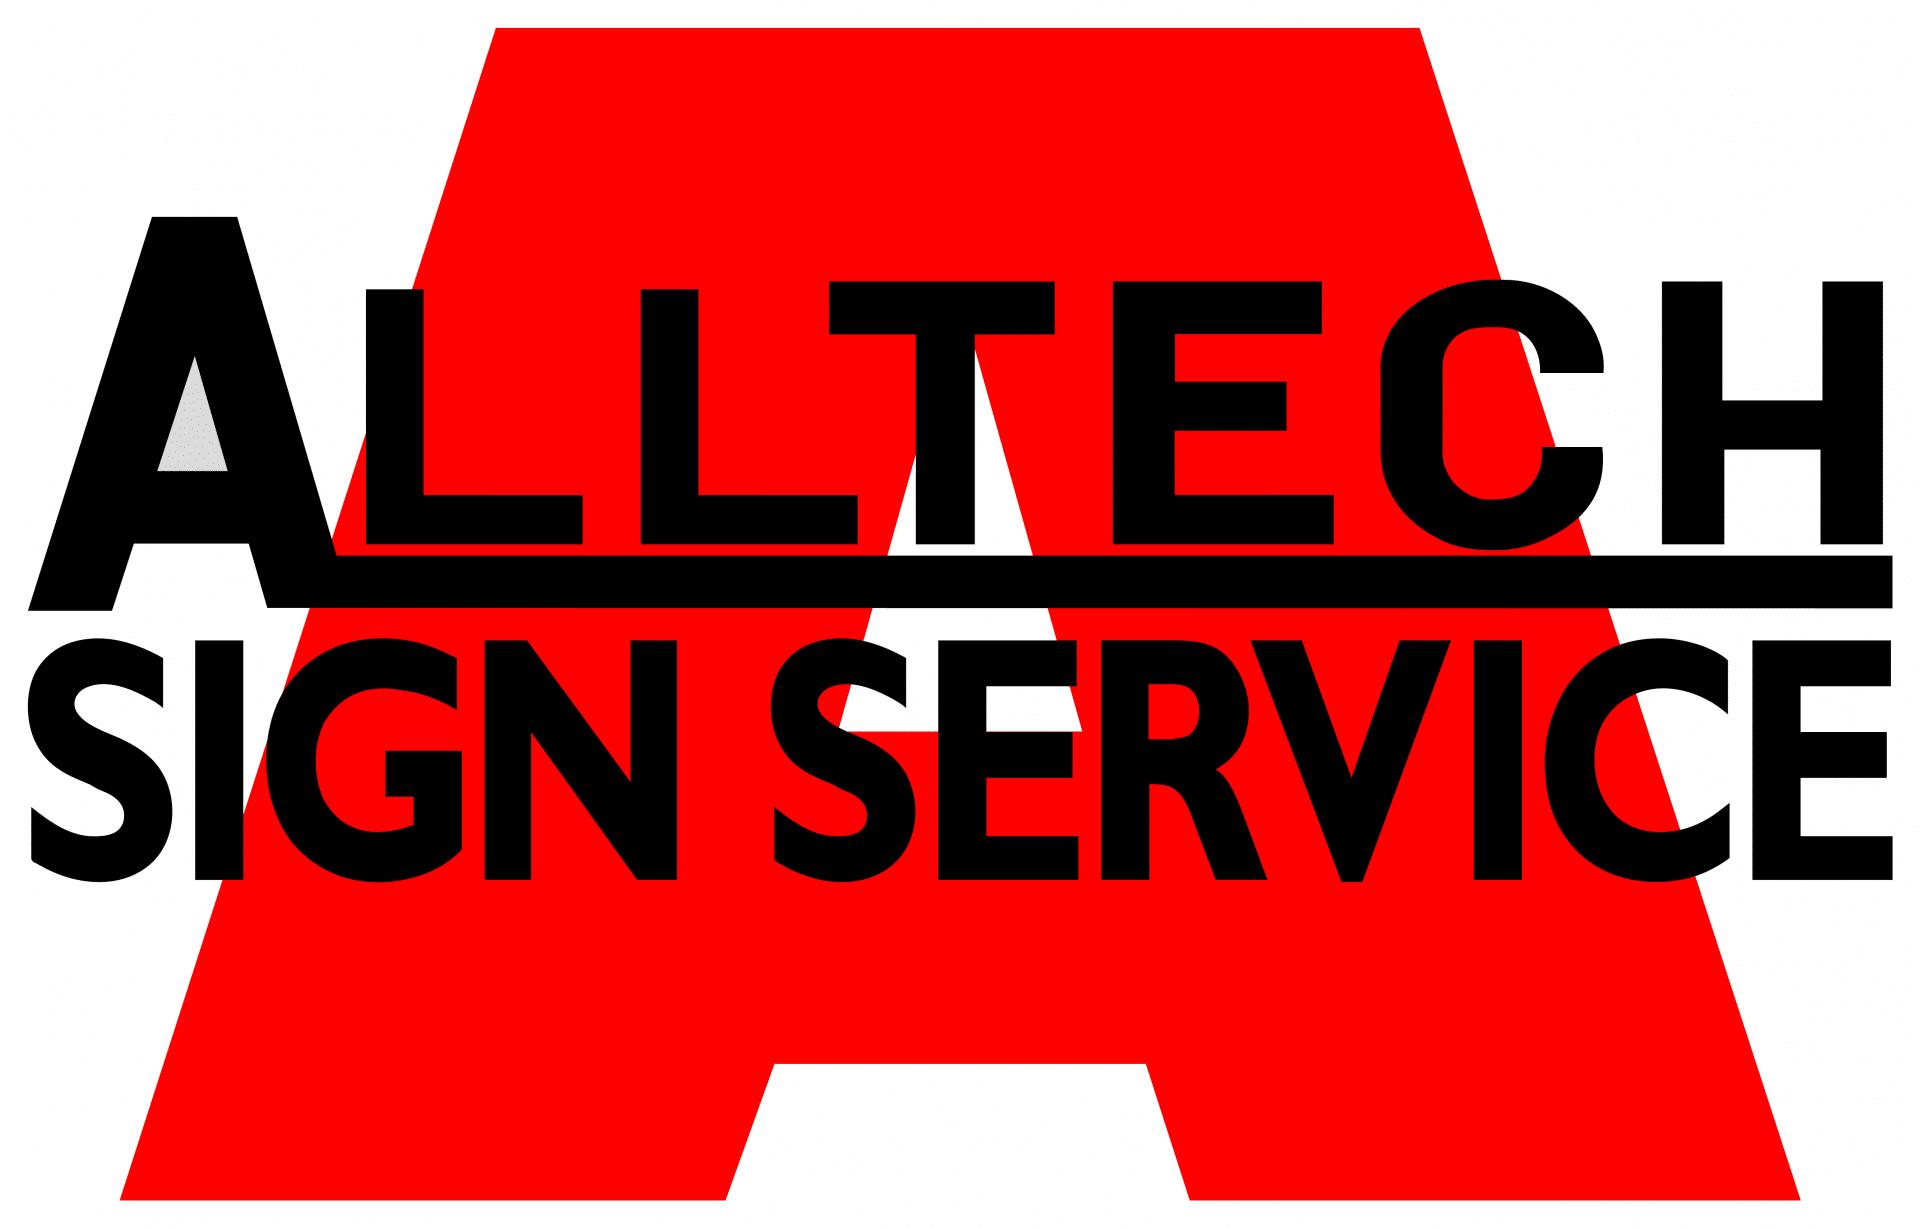 Alltech sign service logo